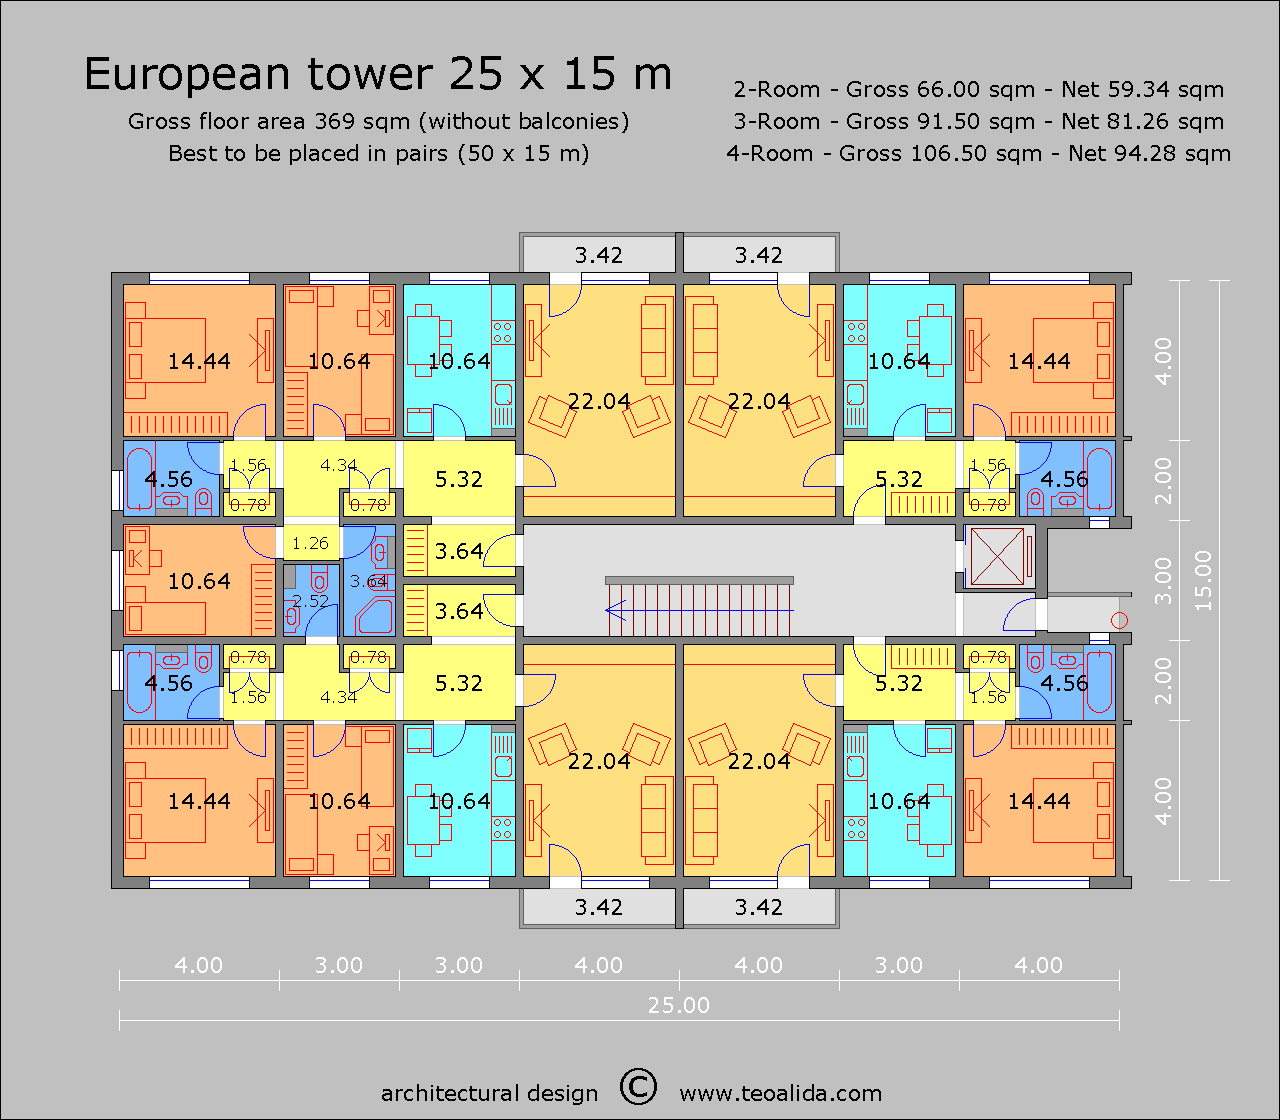 European Linear high-rise 25 x 15 m